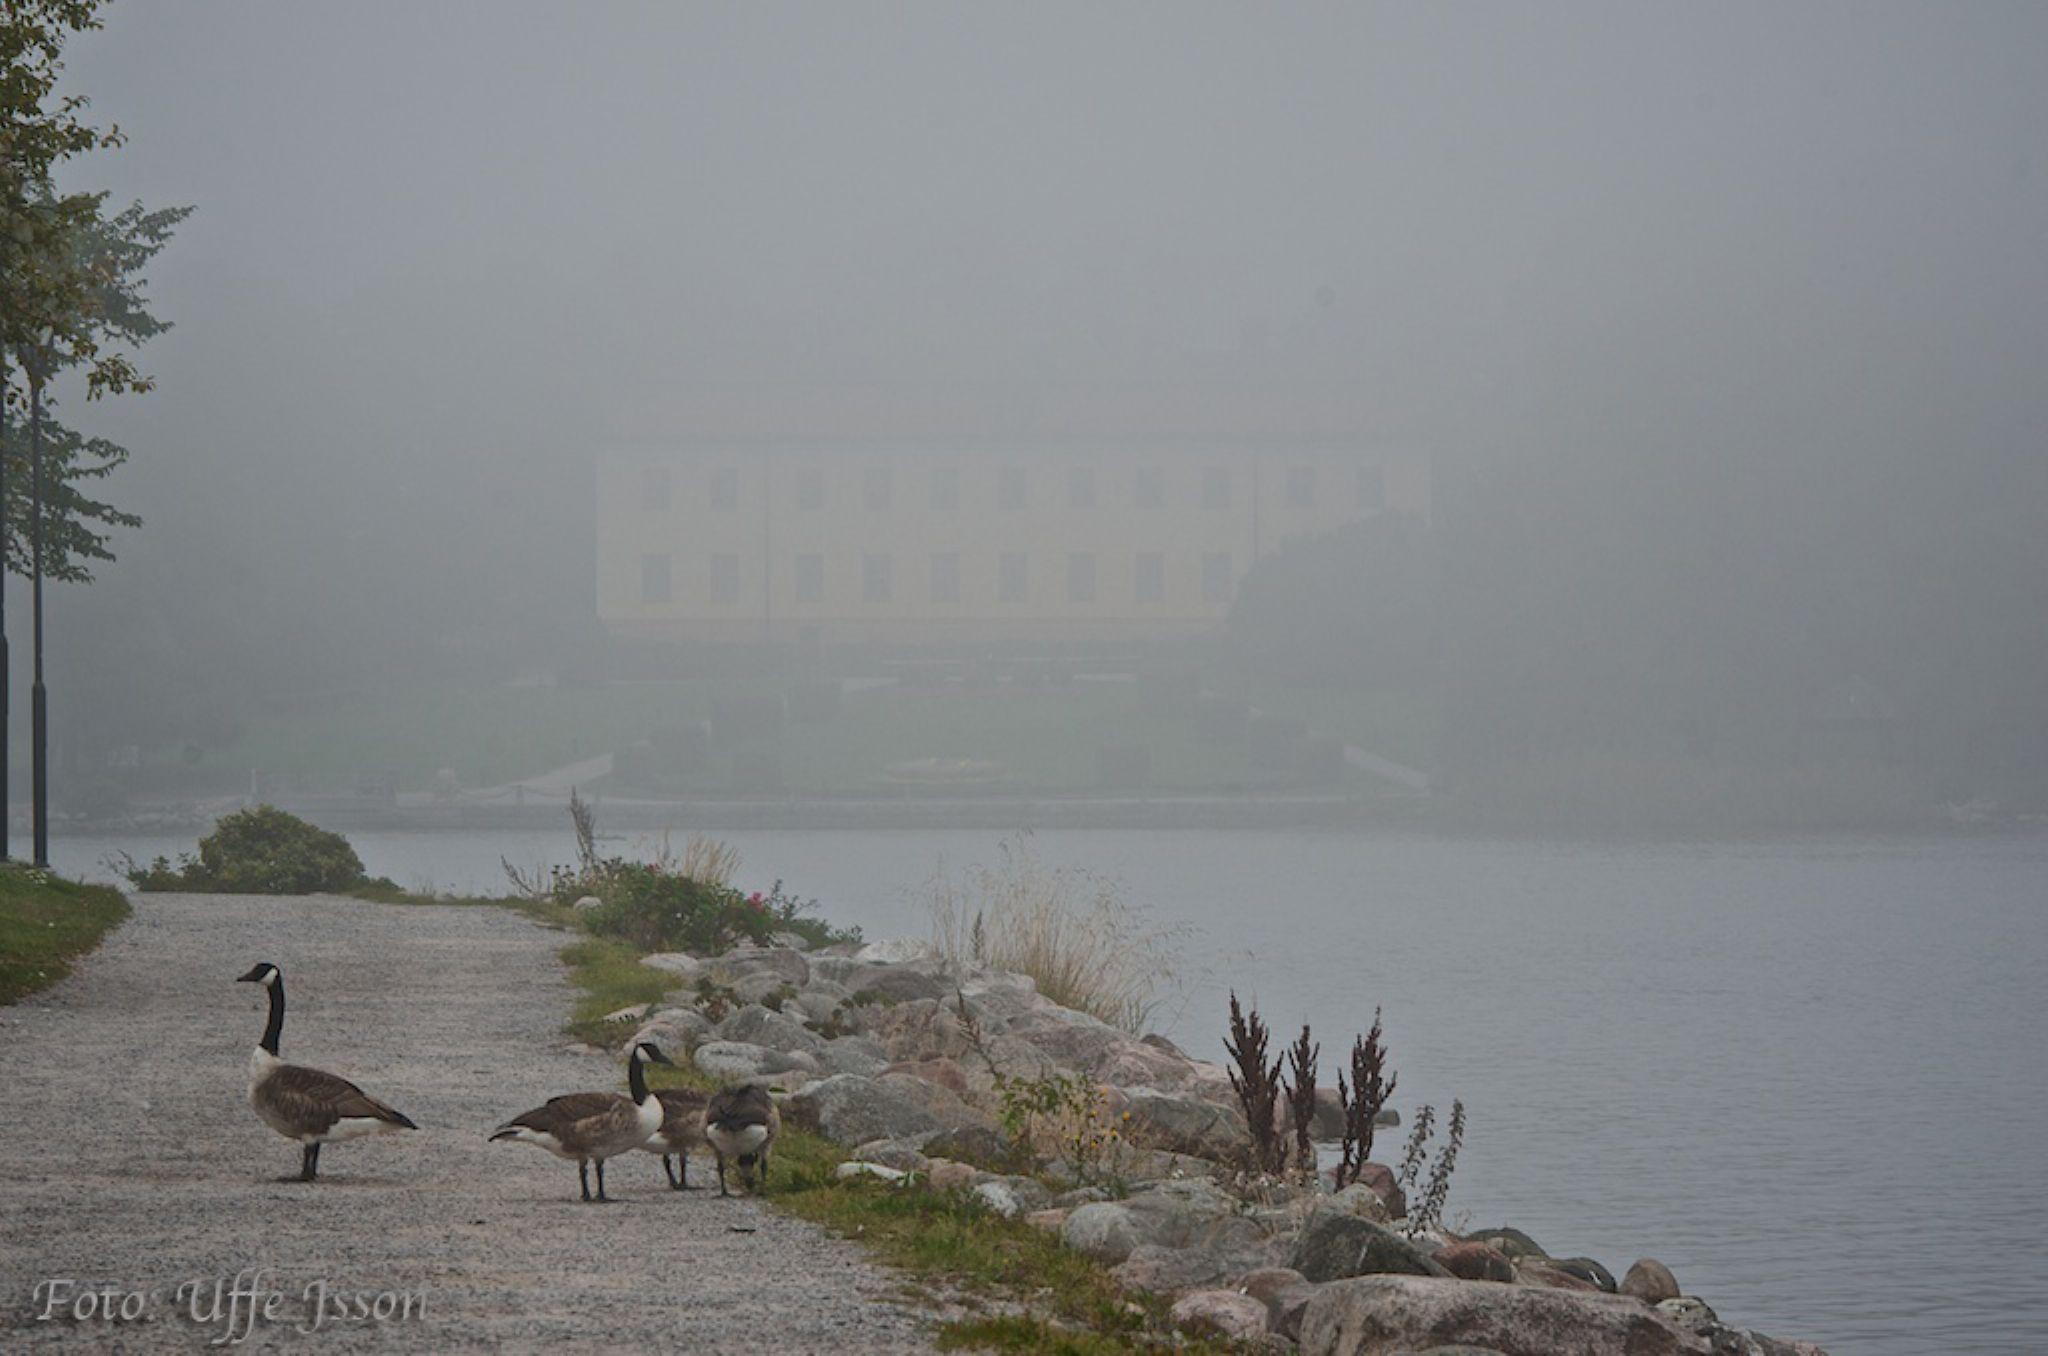 Edsbergs Castle 2014 by uffejsson